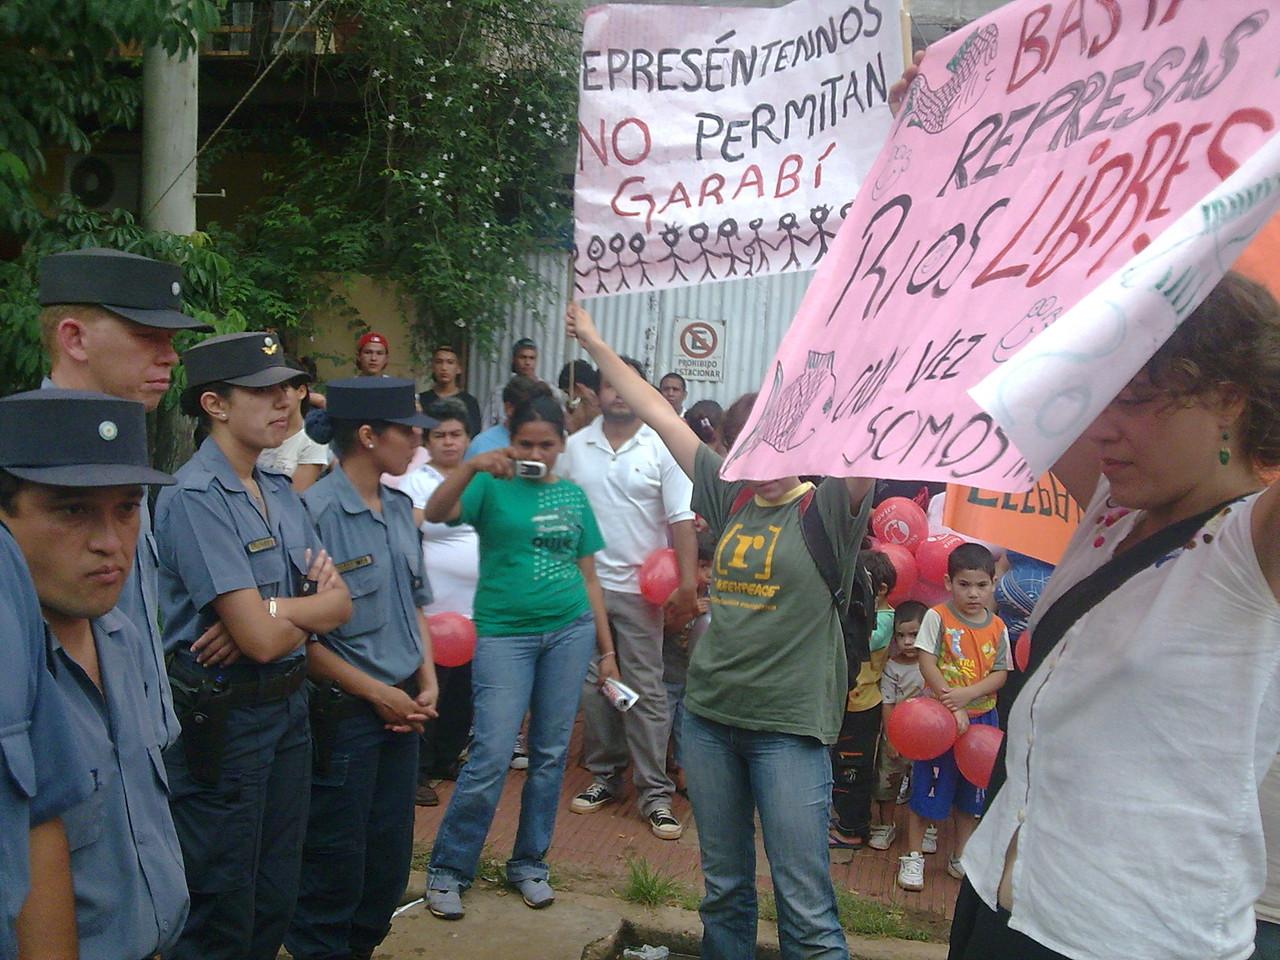 Asambleas y acciones ambientalistas